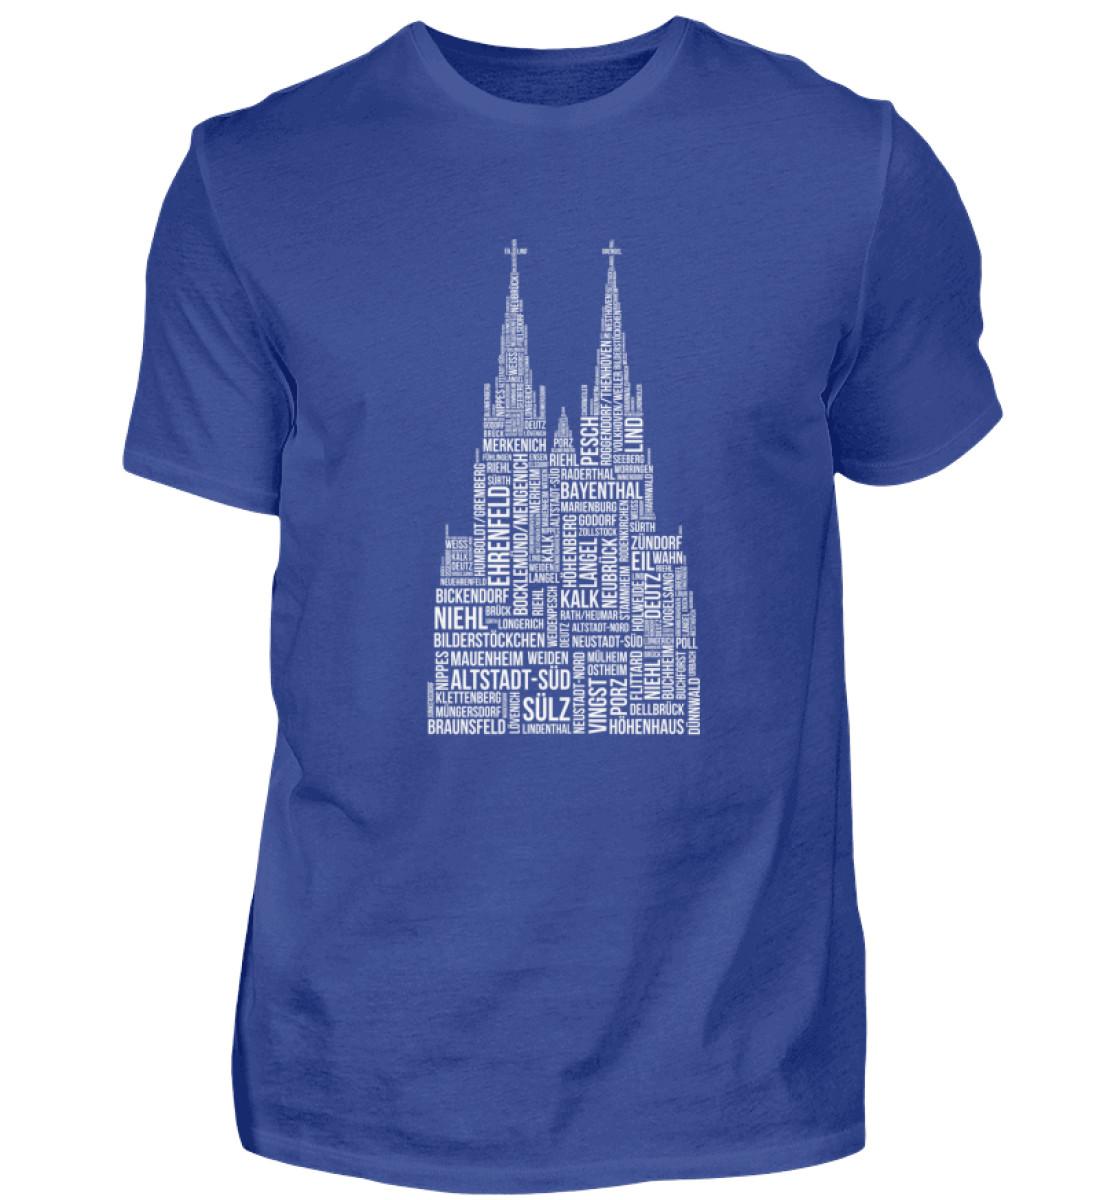 86 Veedel weiß T-Shirt - Herren - Herren Shirt-668